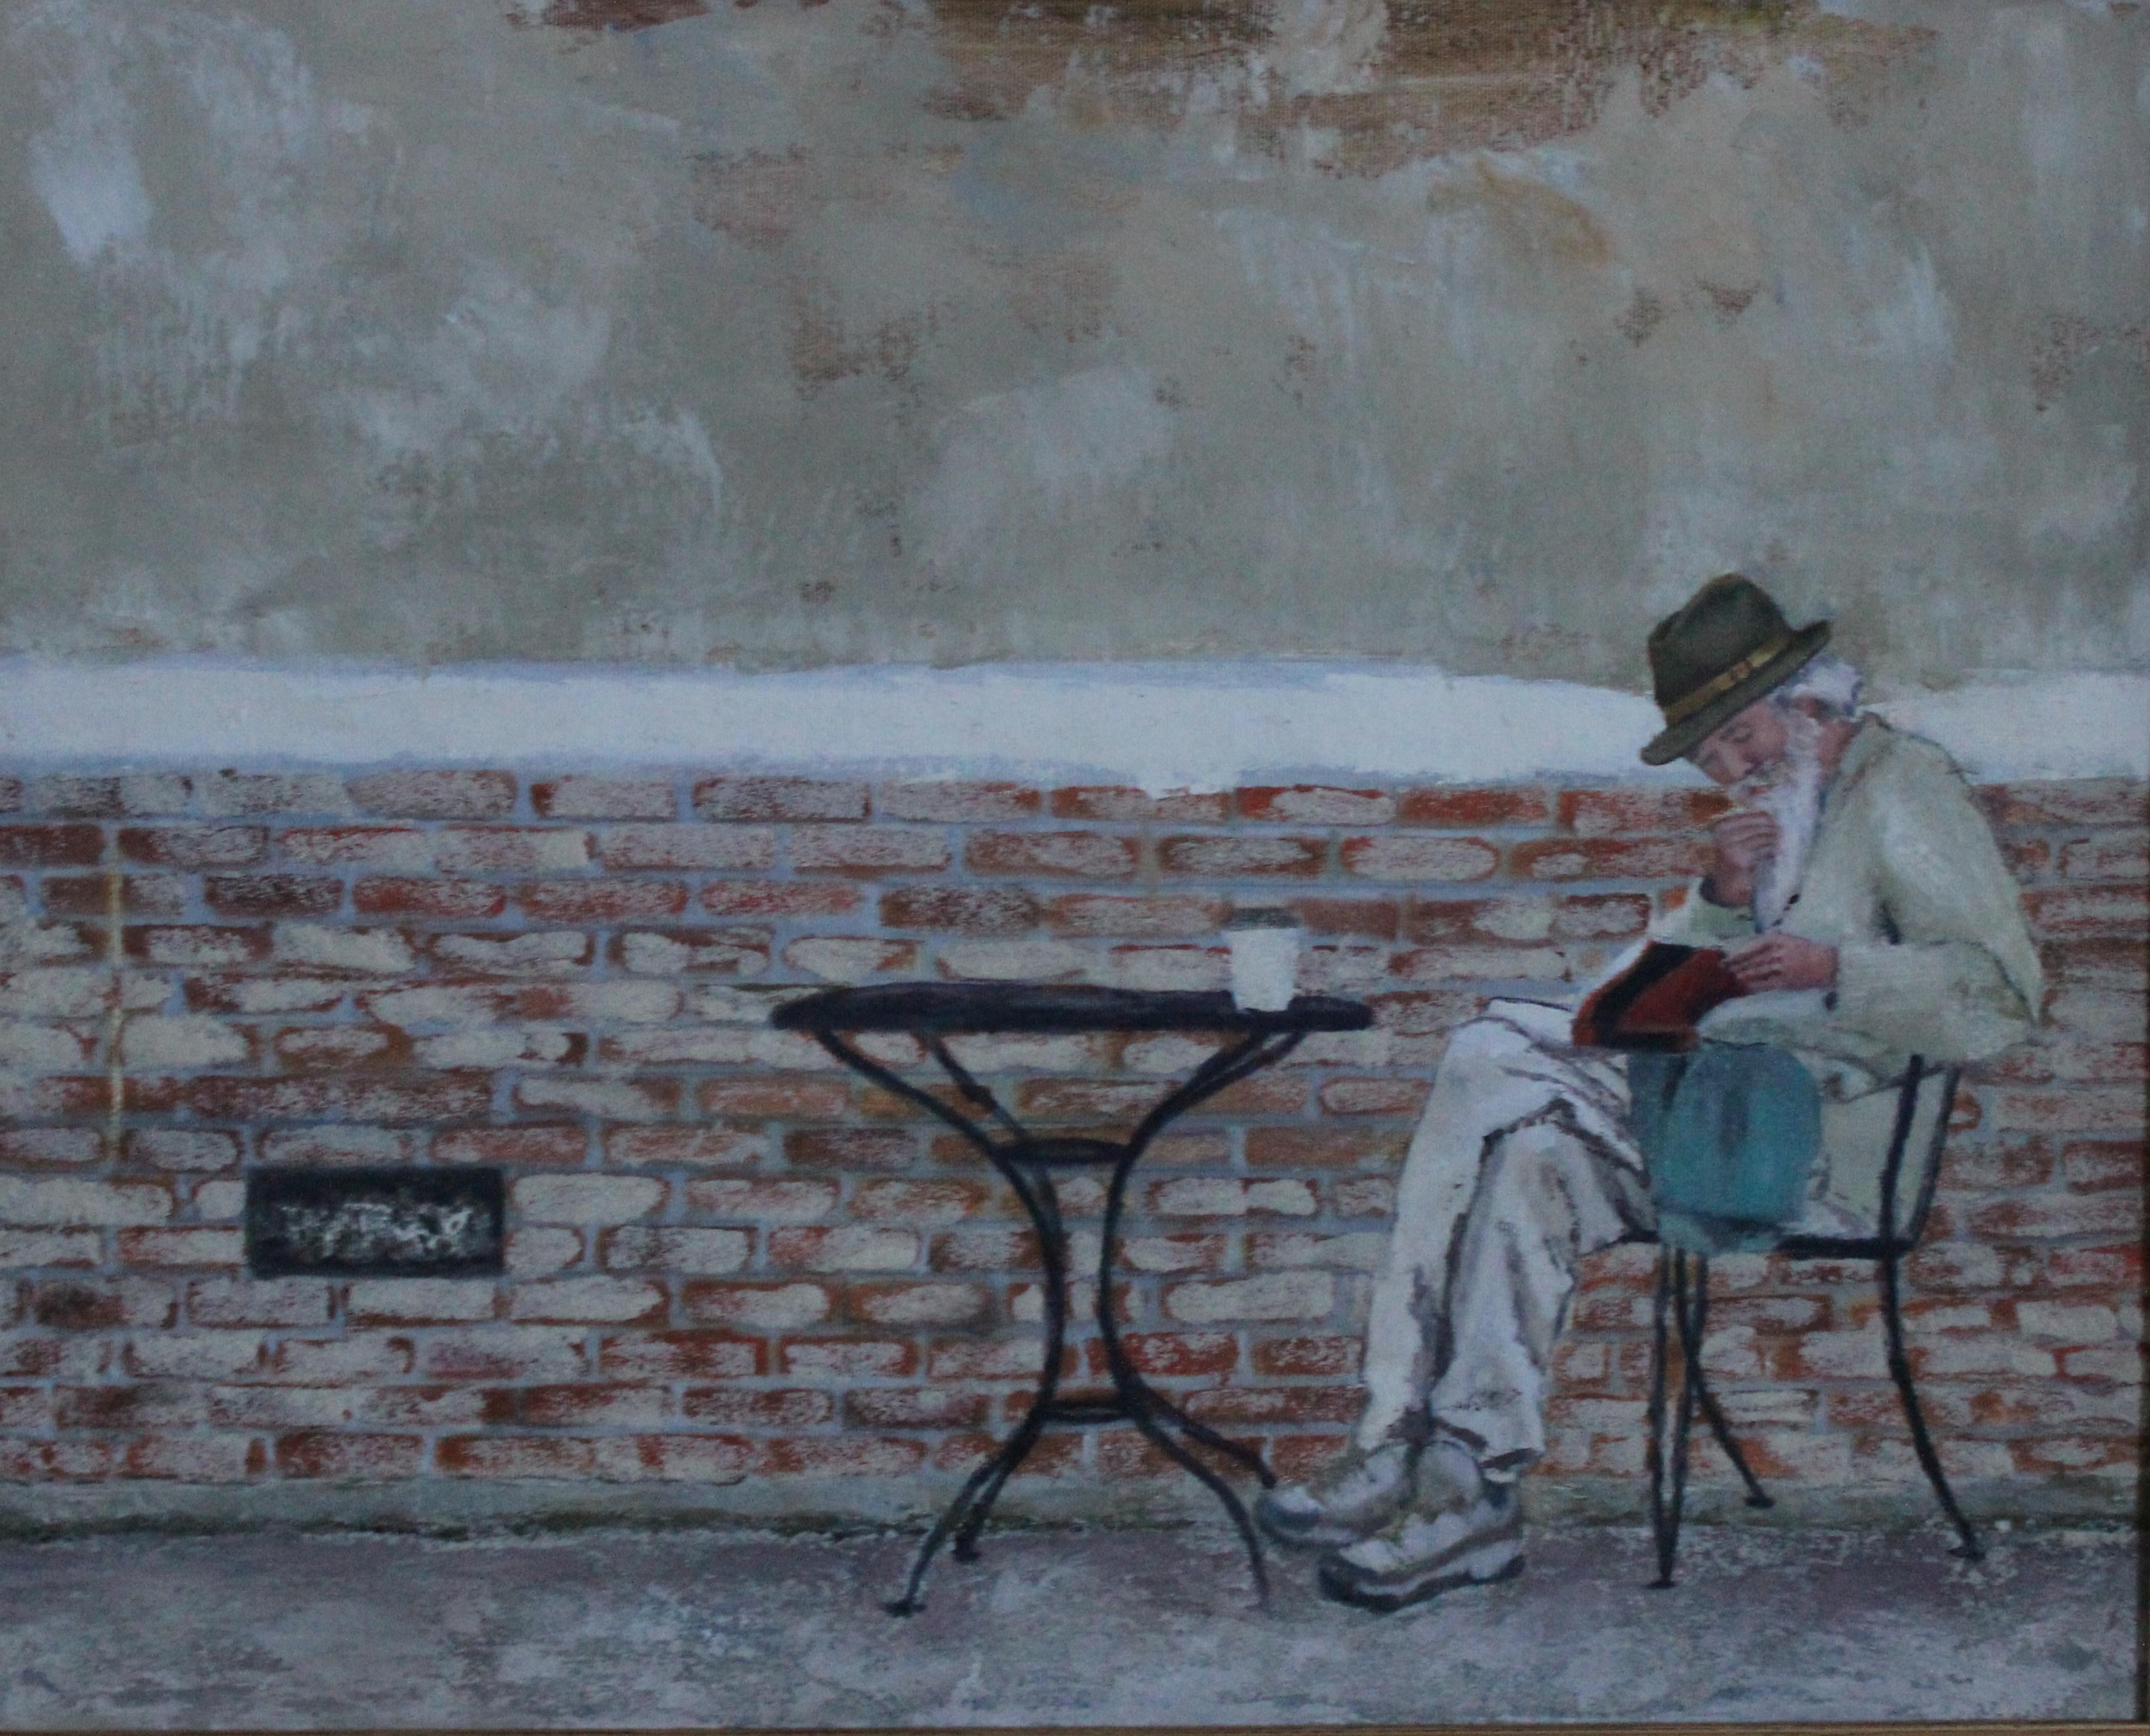 Le voyageur de Santa Cruz. Manon Ruffet, huile sur toile, 16 x 20 po, 2012